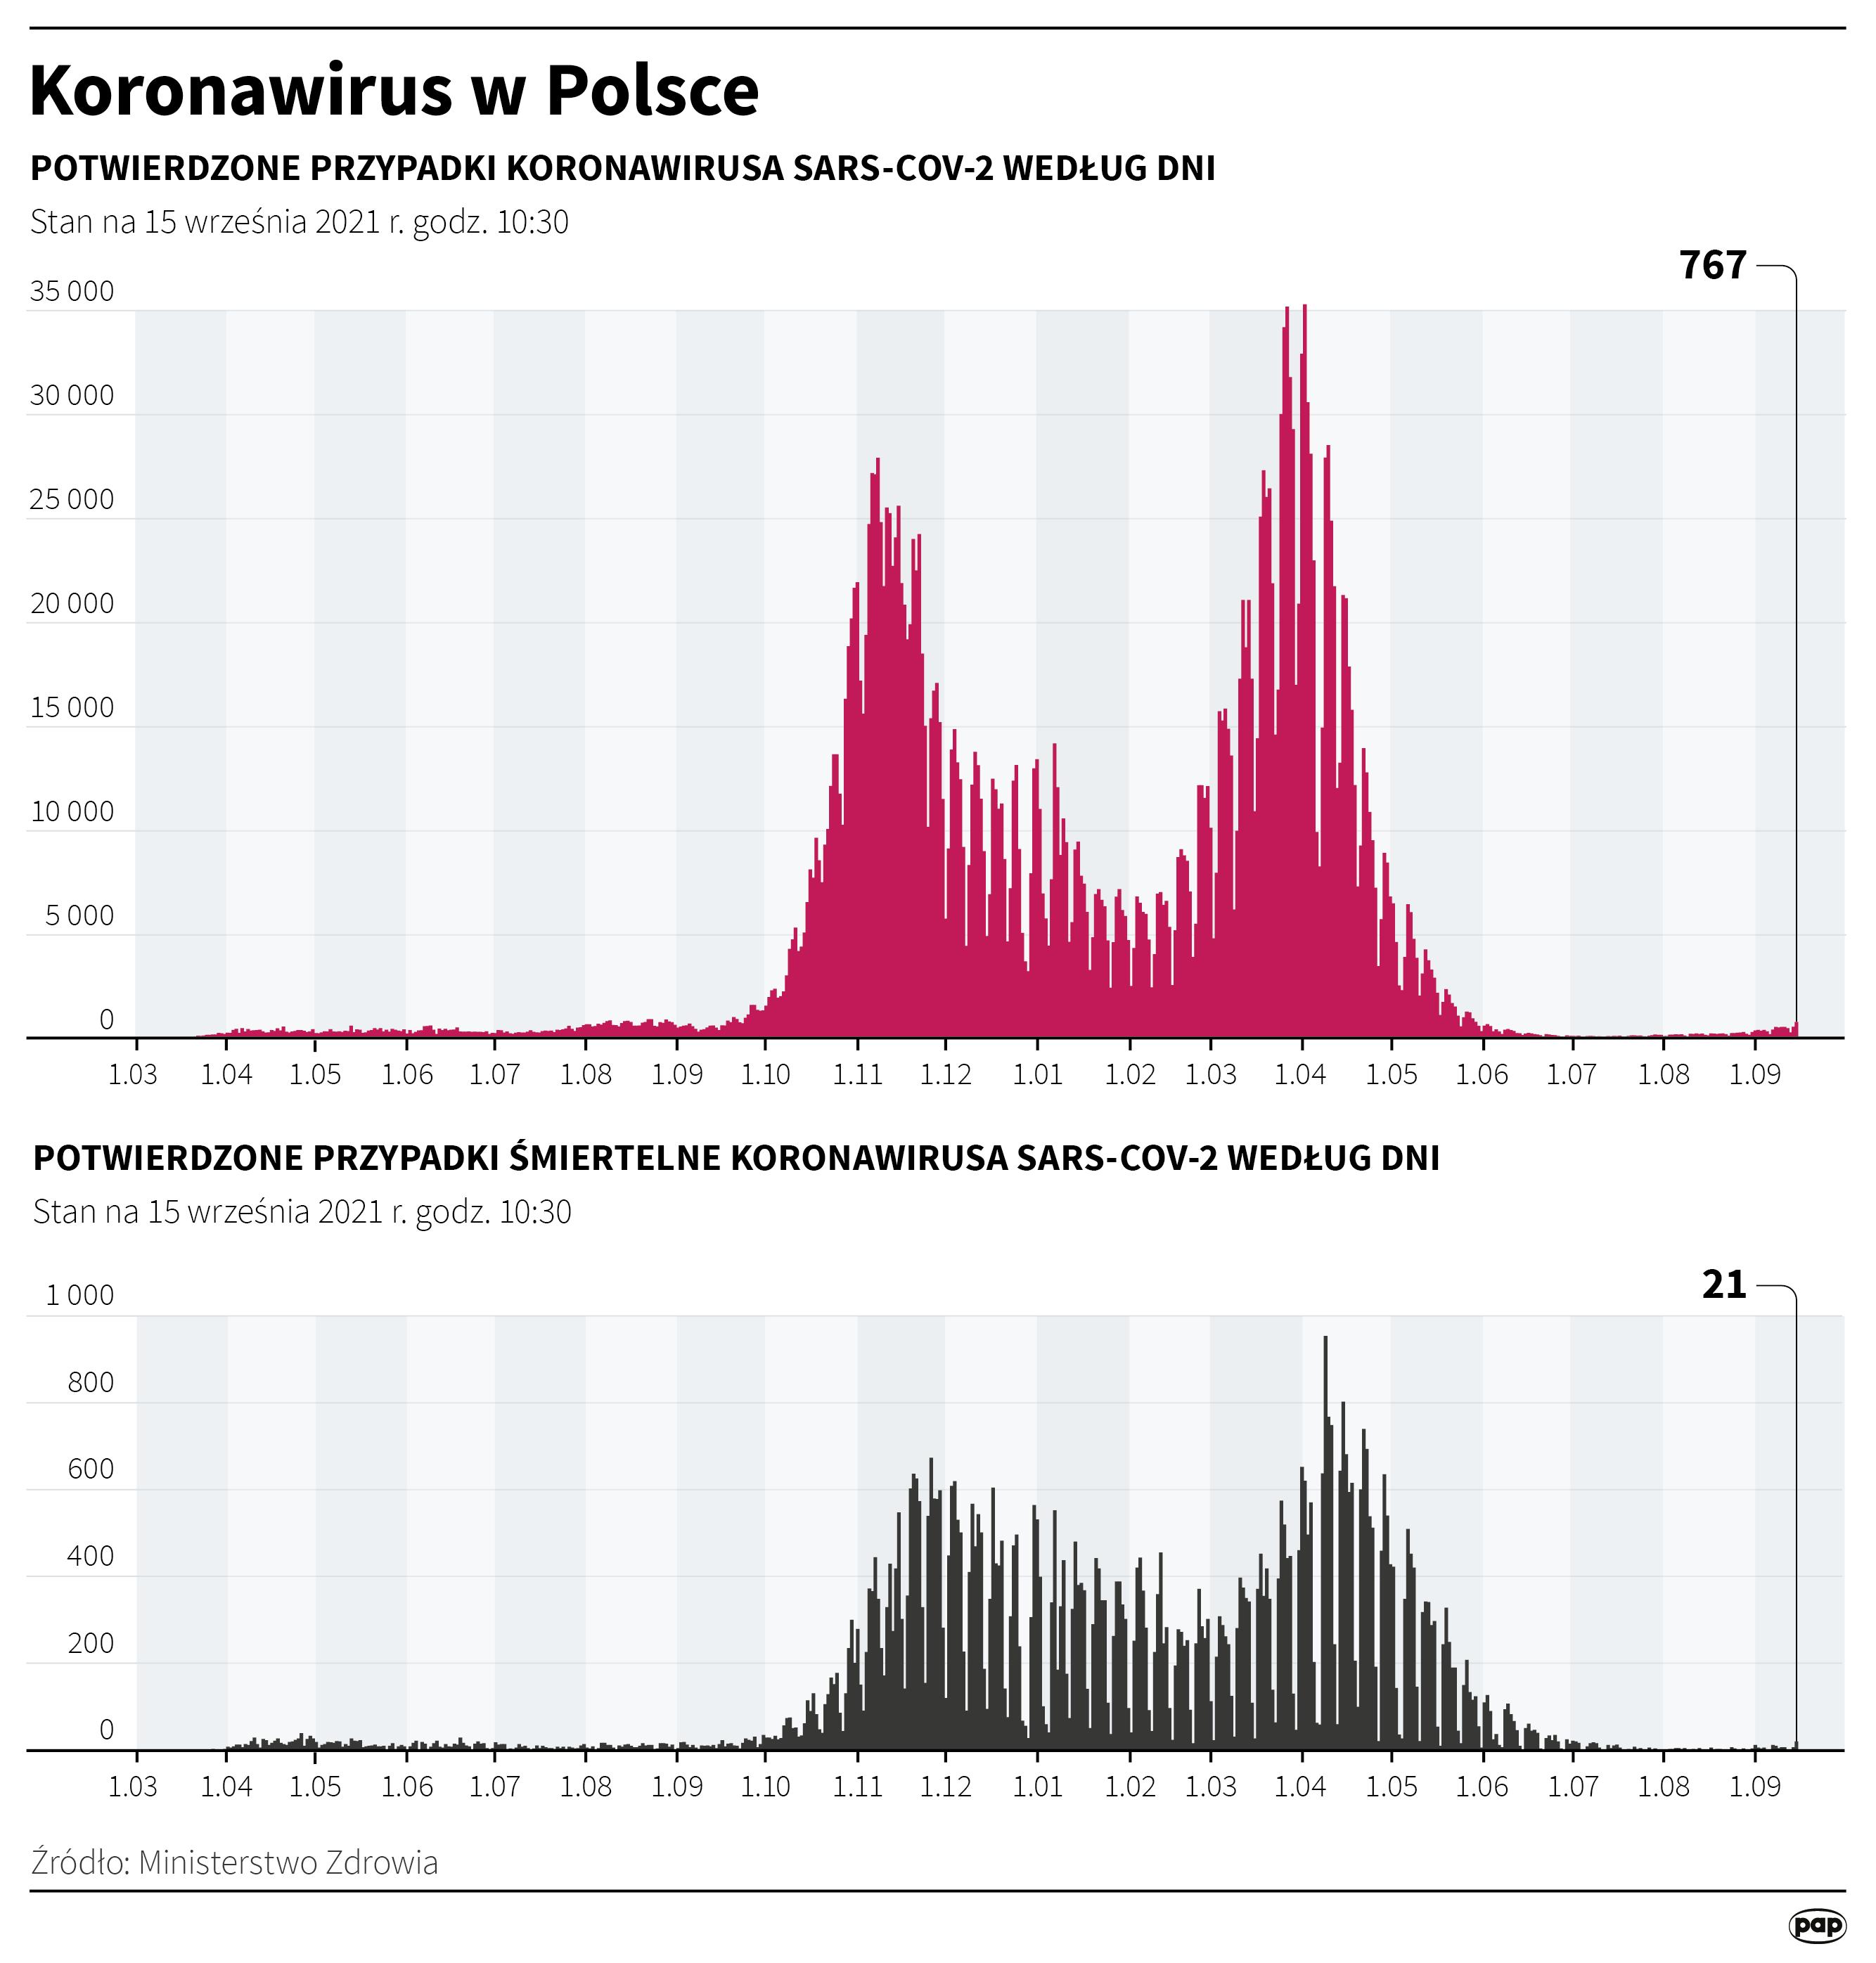 Koronawirus w Polsce stan na 15 września [autor: Maciej Zieliński, źródło: PAP]